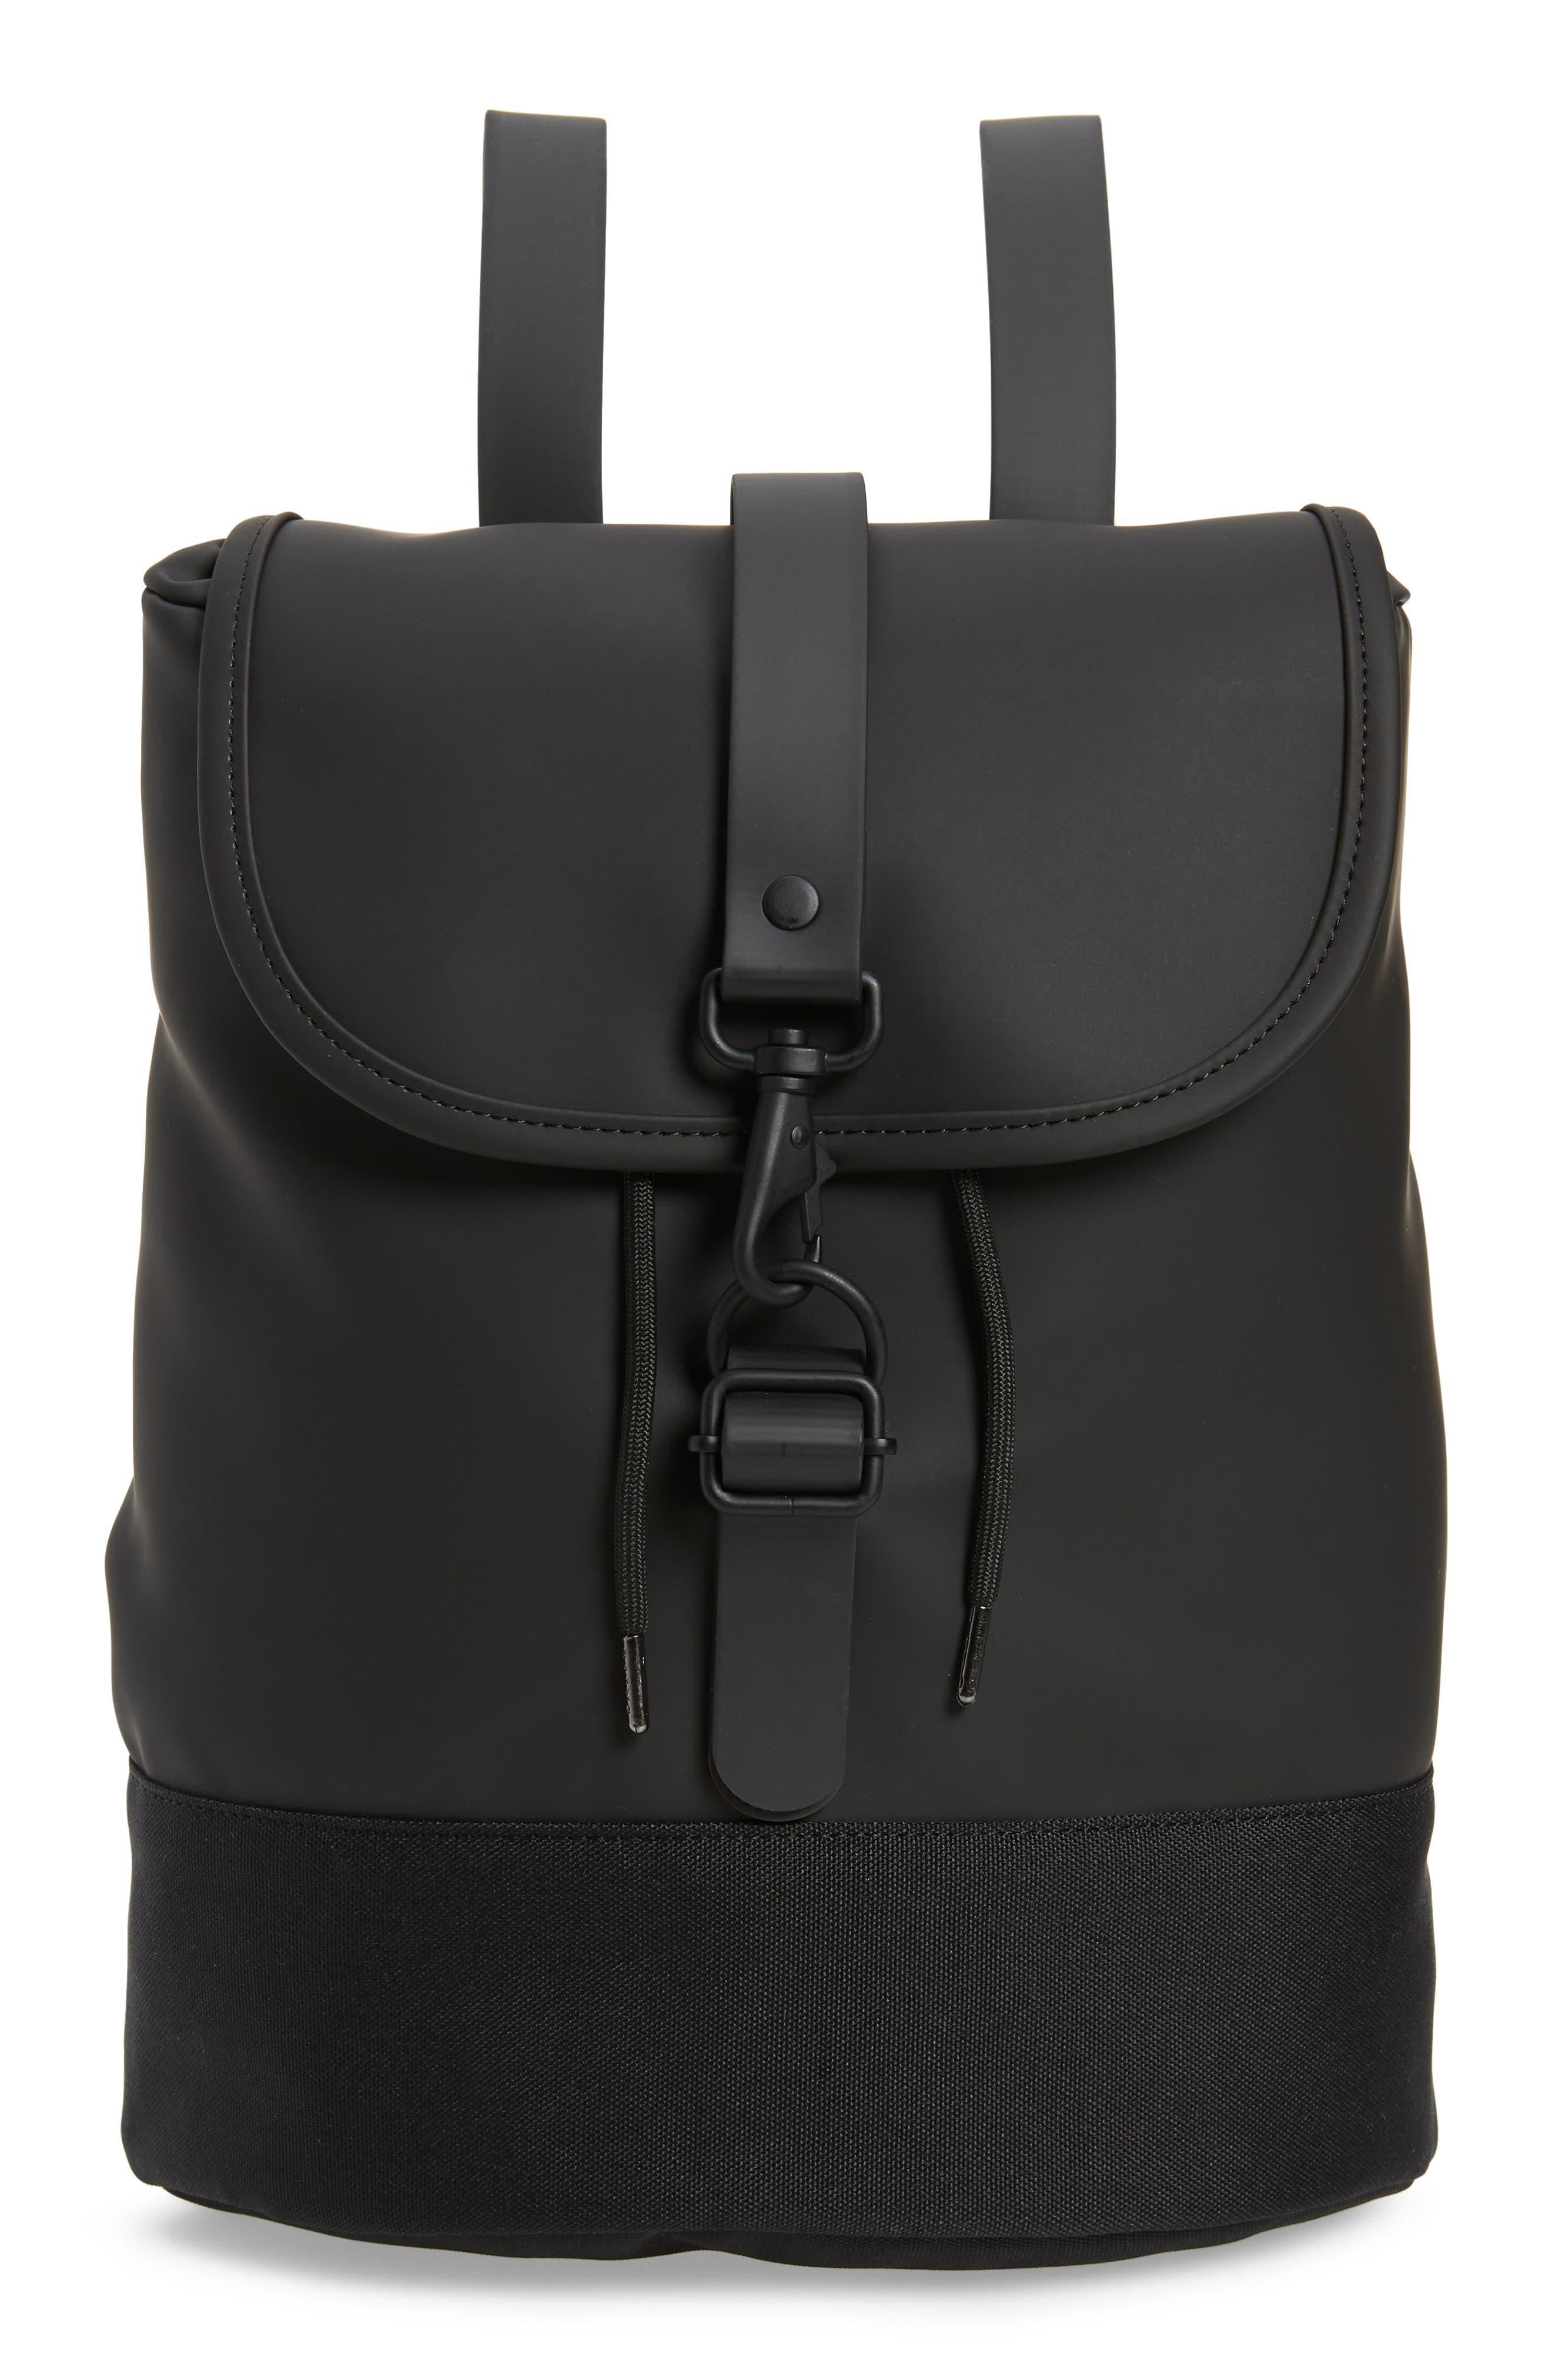 Waterproof Drawstring Backpack by Rains